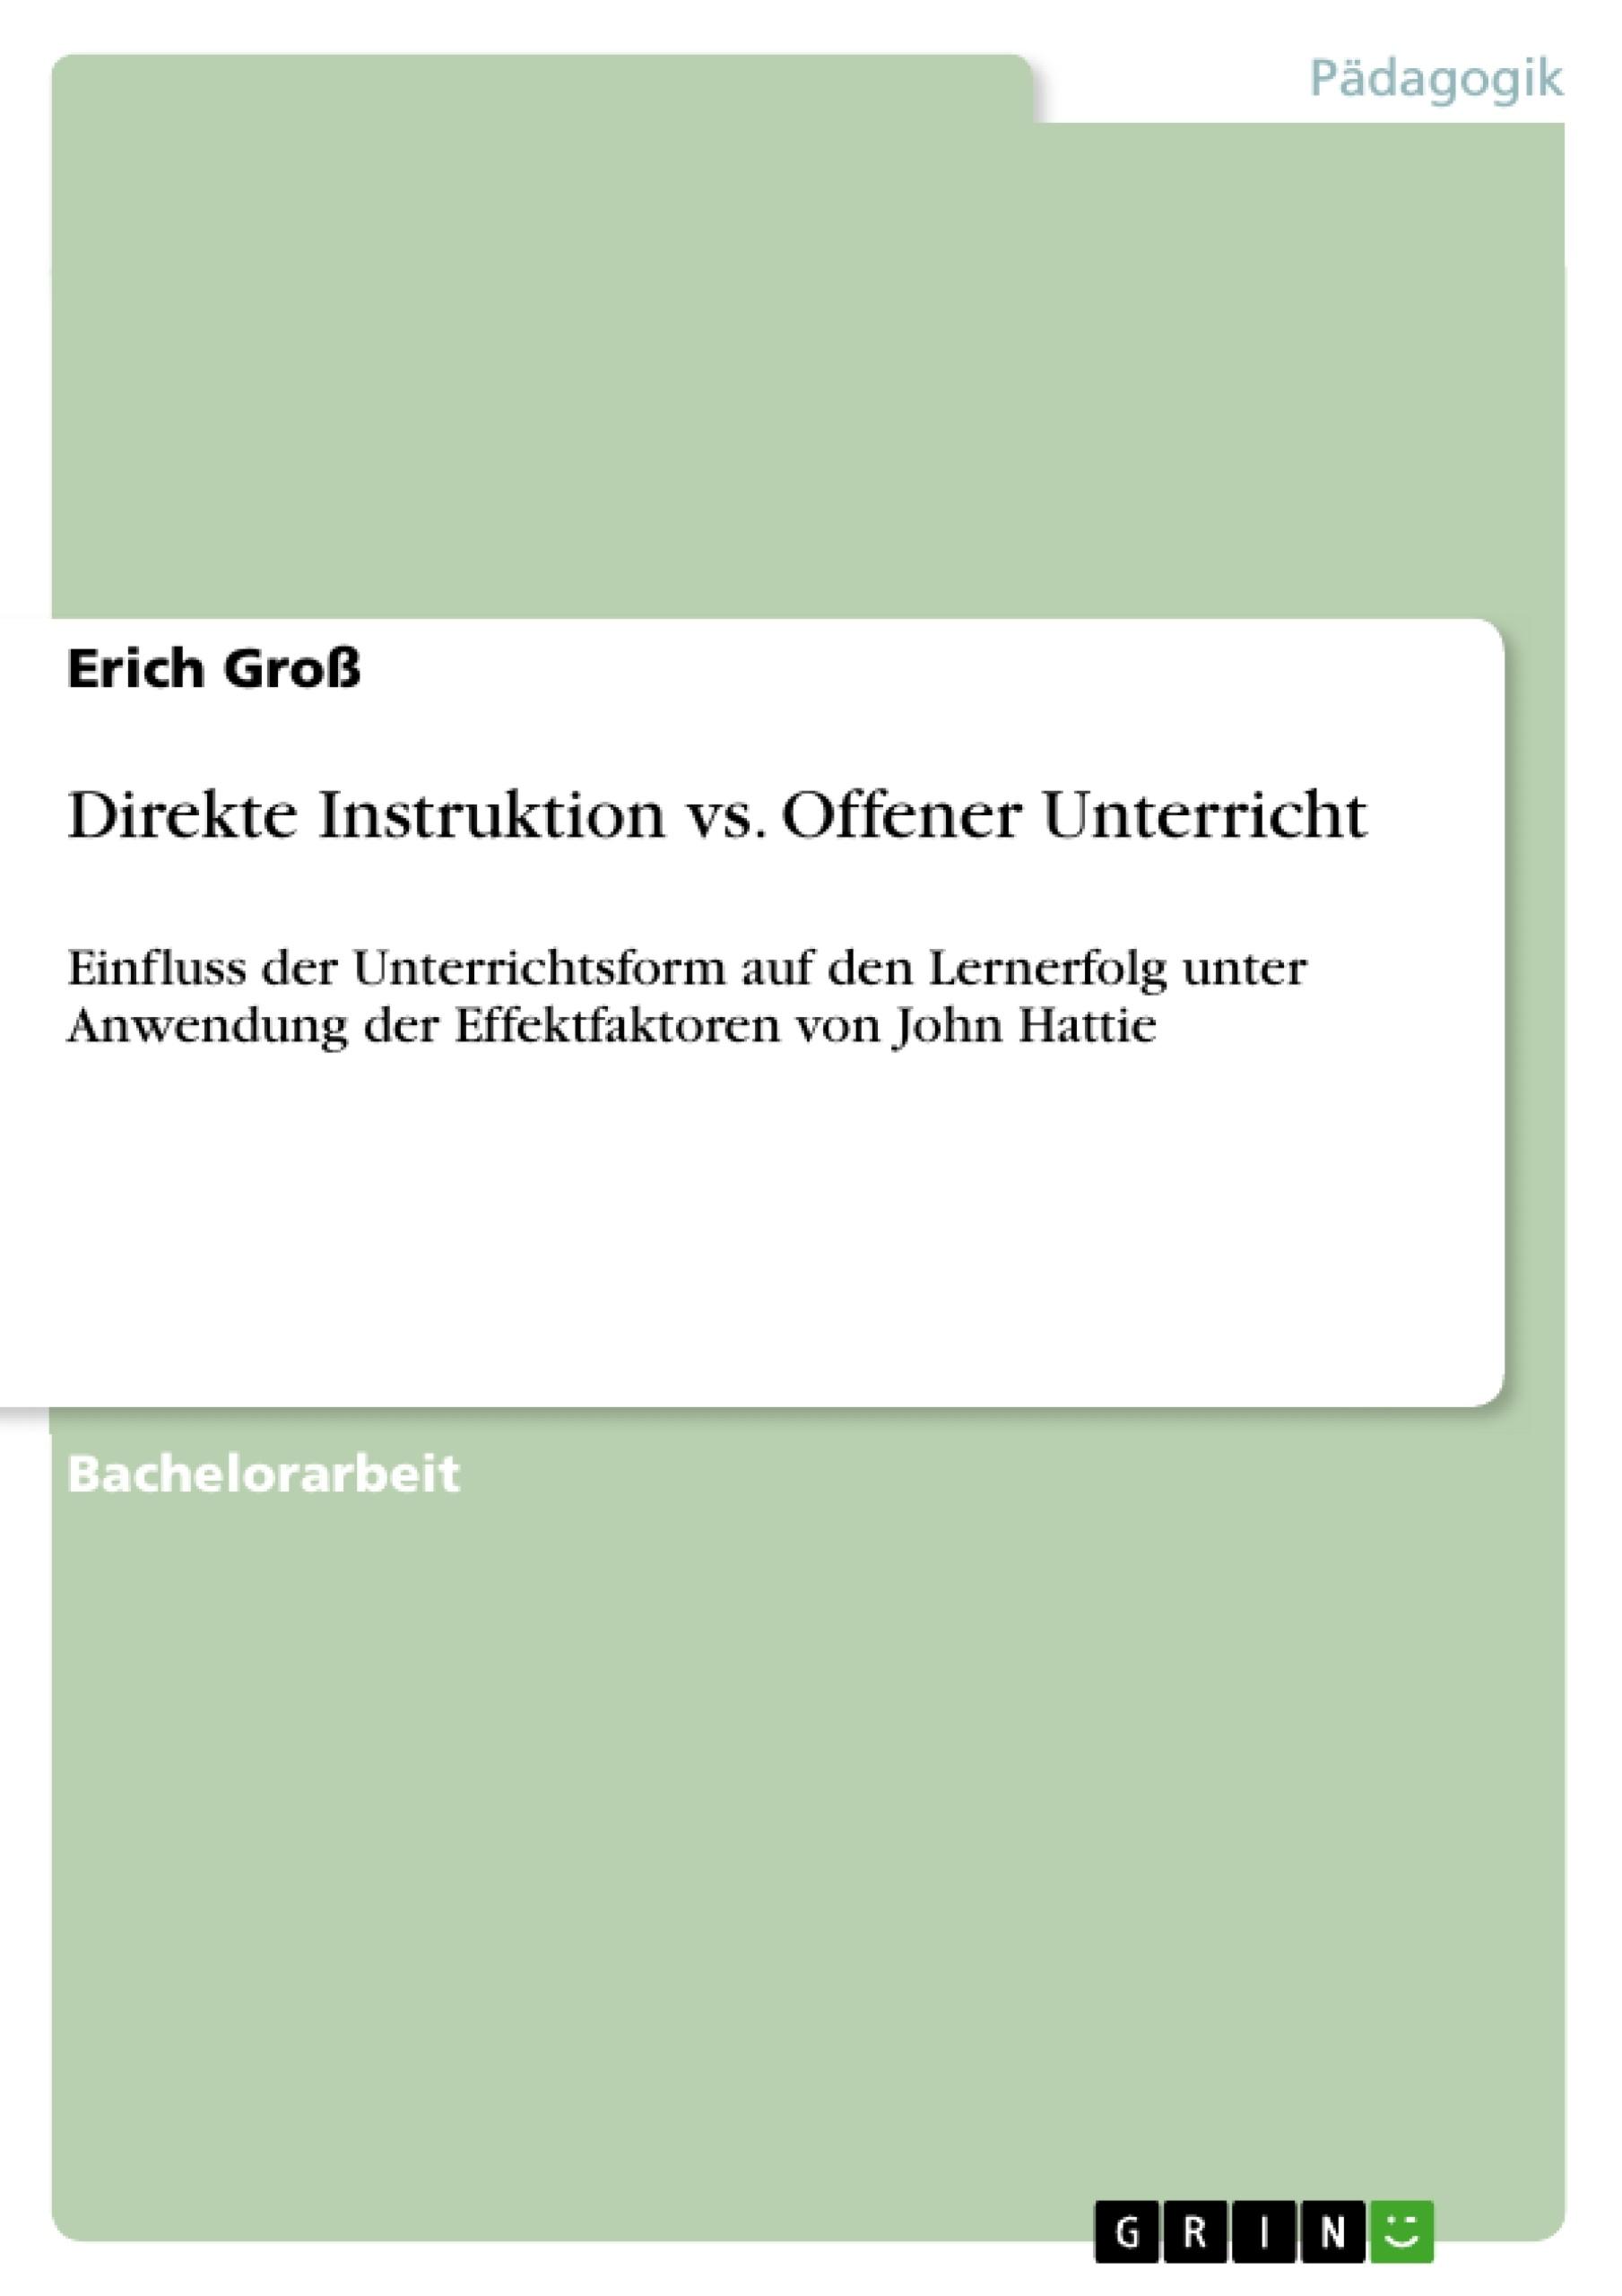 Titel: Direkte Instruktion vs. Offener Unterricht